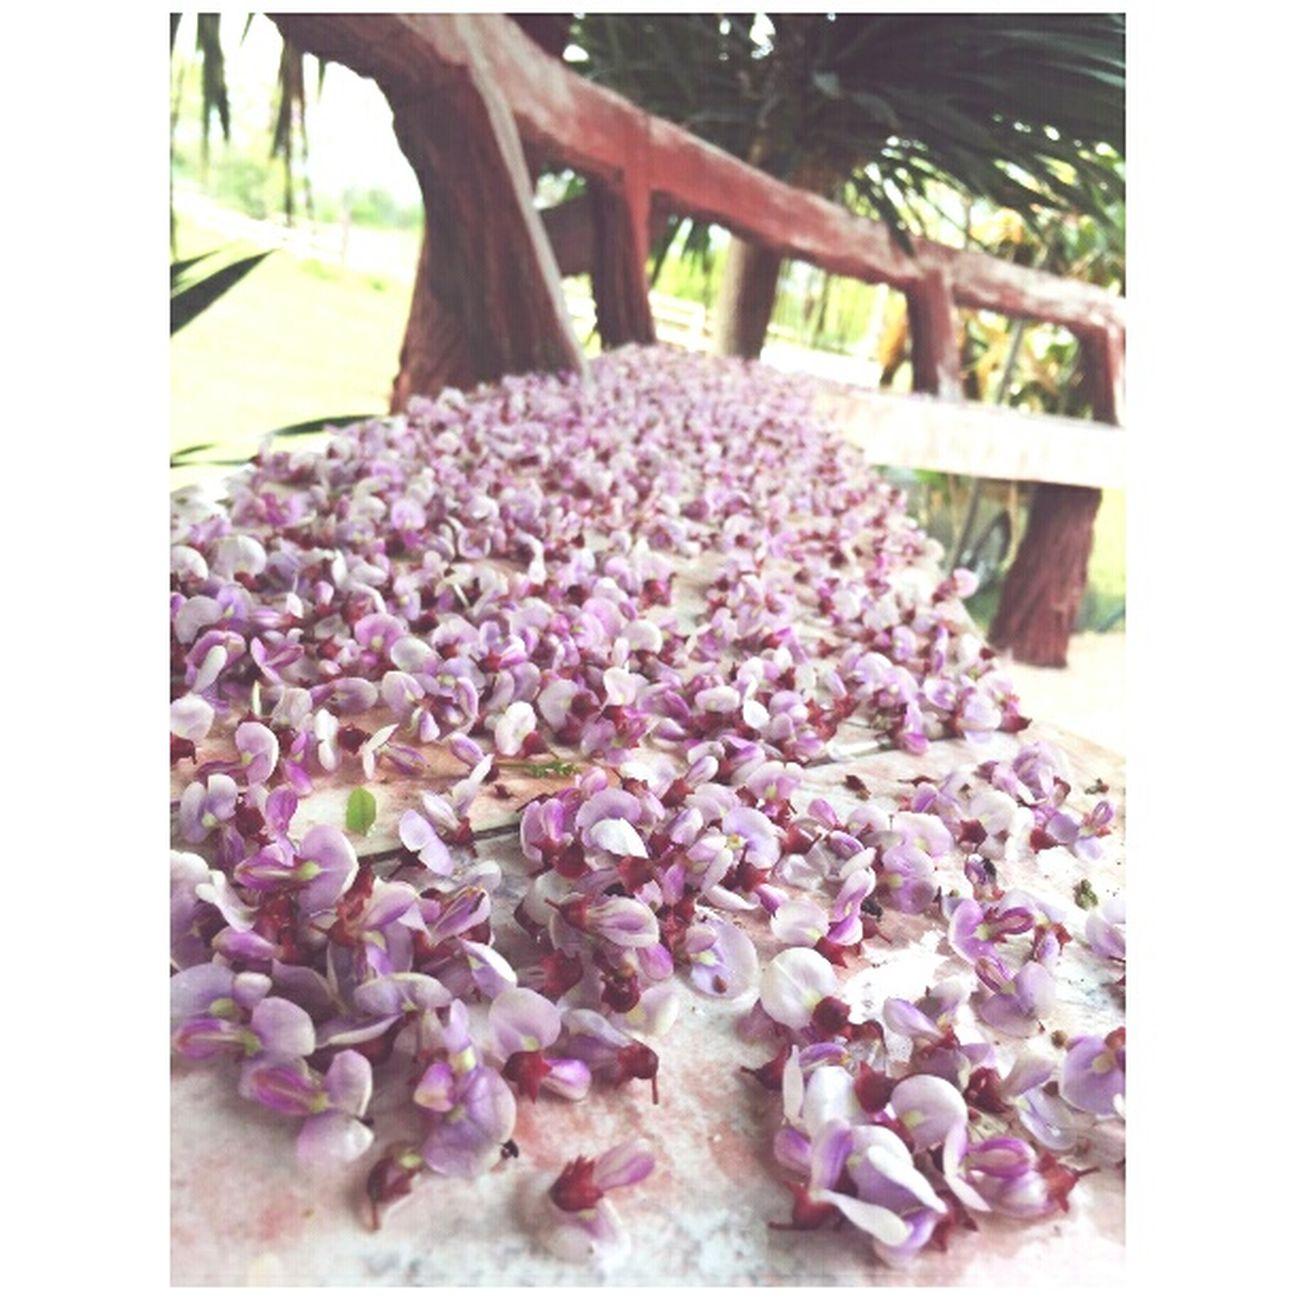 มันไม่มีทางที่โรยไปด้วยดอกไม้ได้ตลอดหรอก..